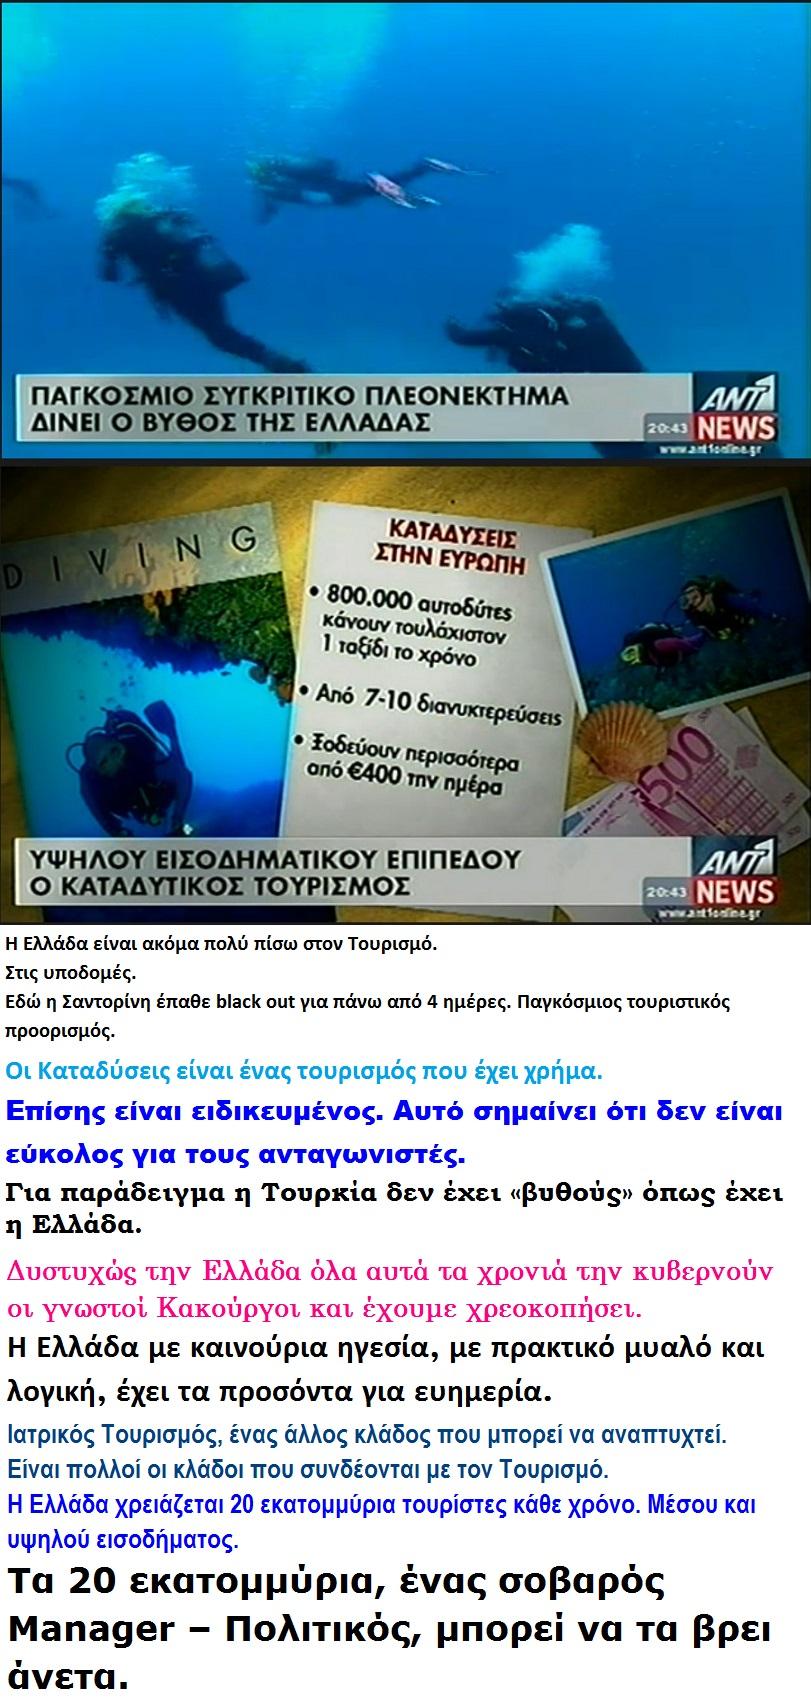 ELLADA TOURISMOS KATADITIKA PARKA 01 170813 (3)